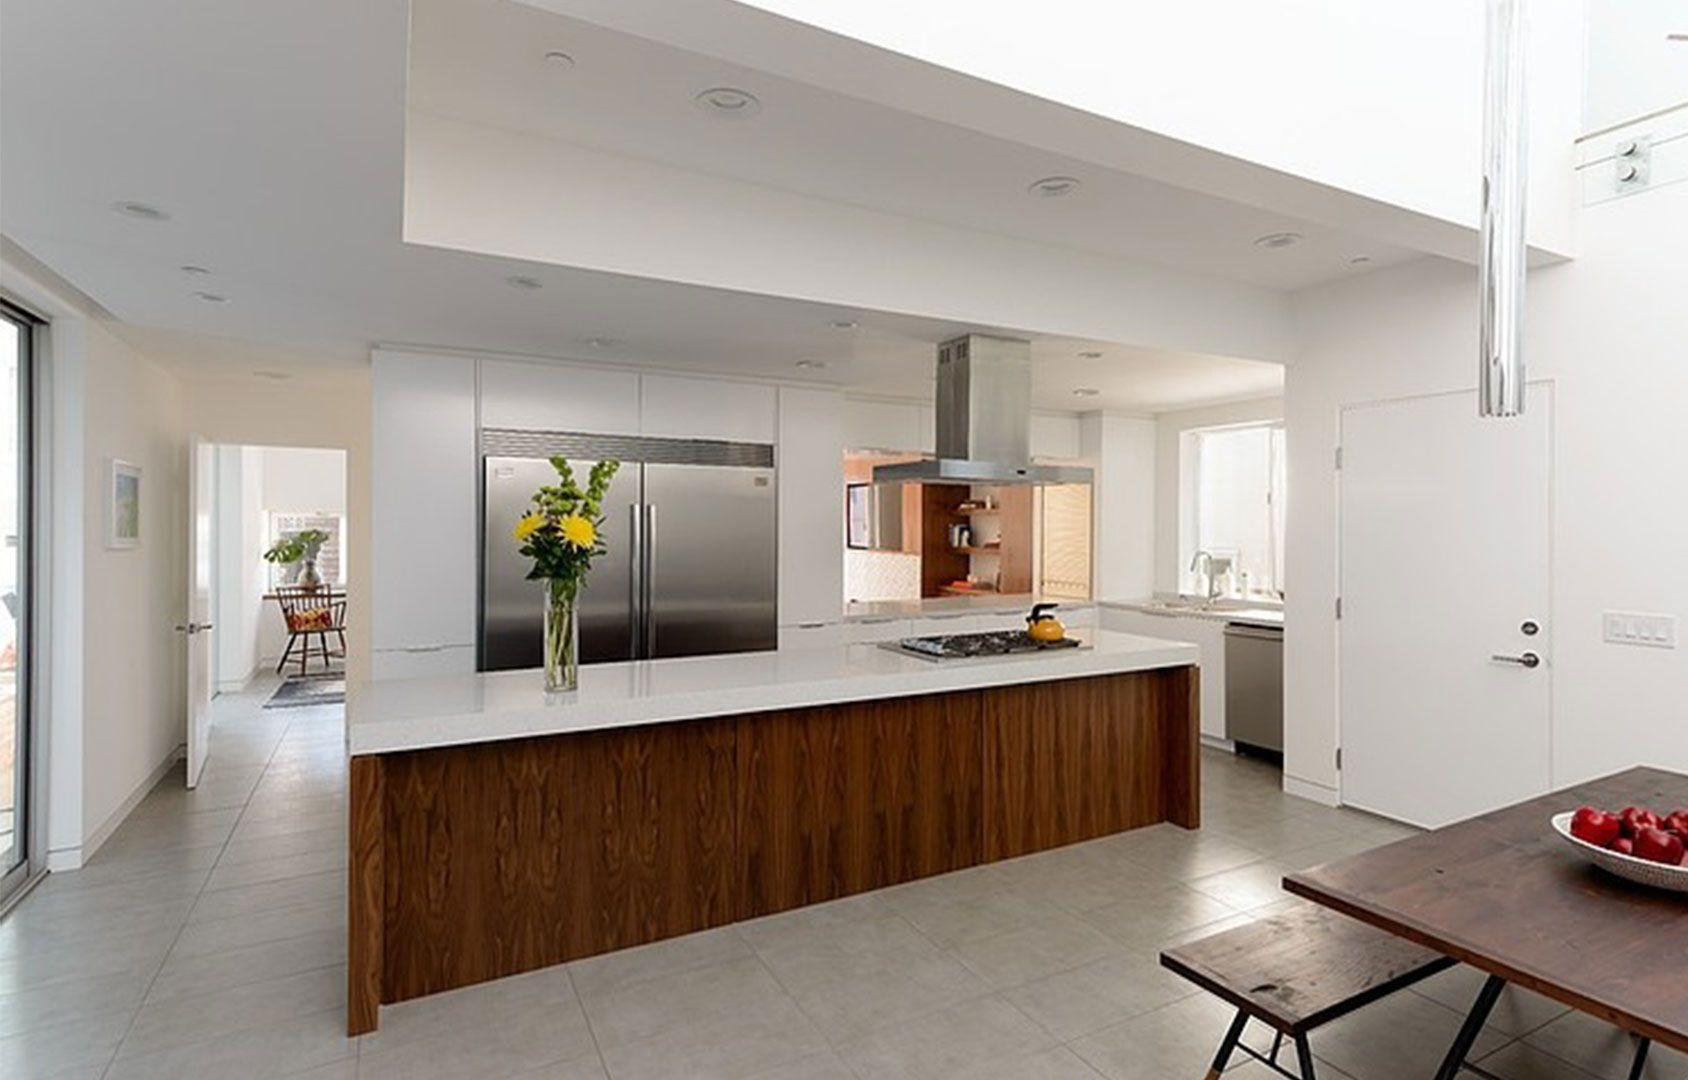 kitchen design ideas modern day kitchen trends kitchen ideas modern kitchen design ideas 2014